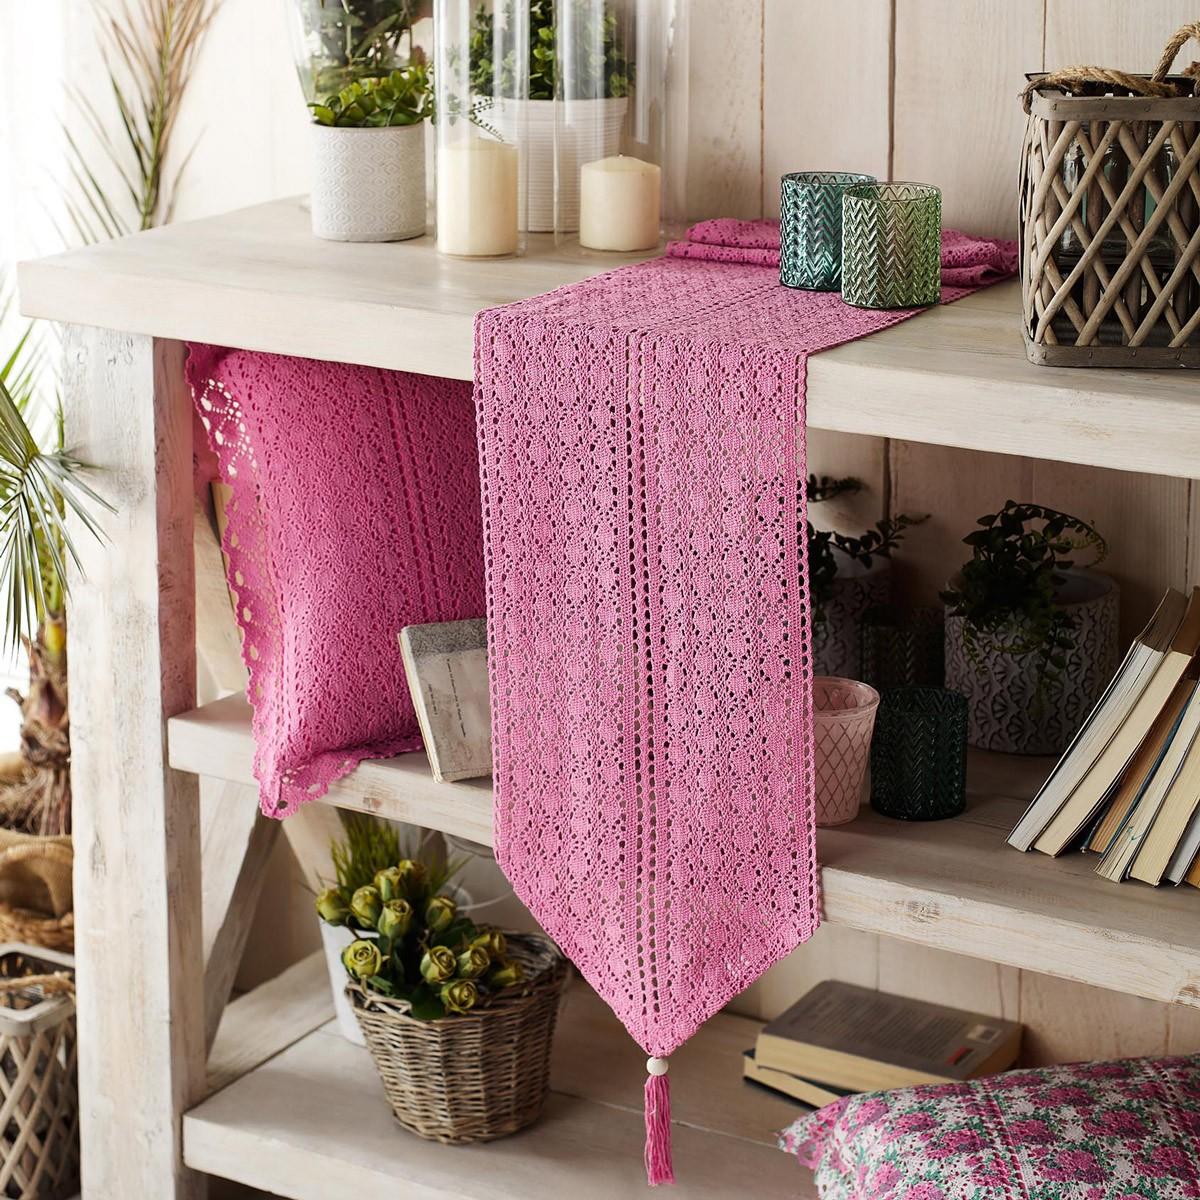 Τραβέρσα Gofis Home Crochet Pink 019/17